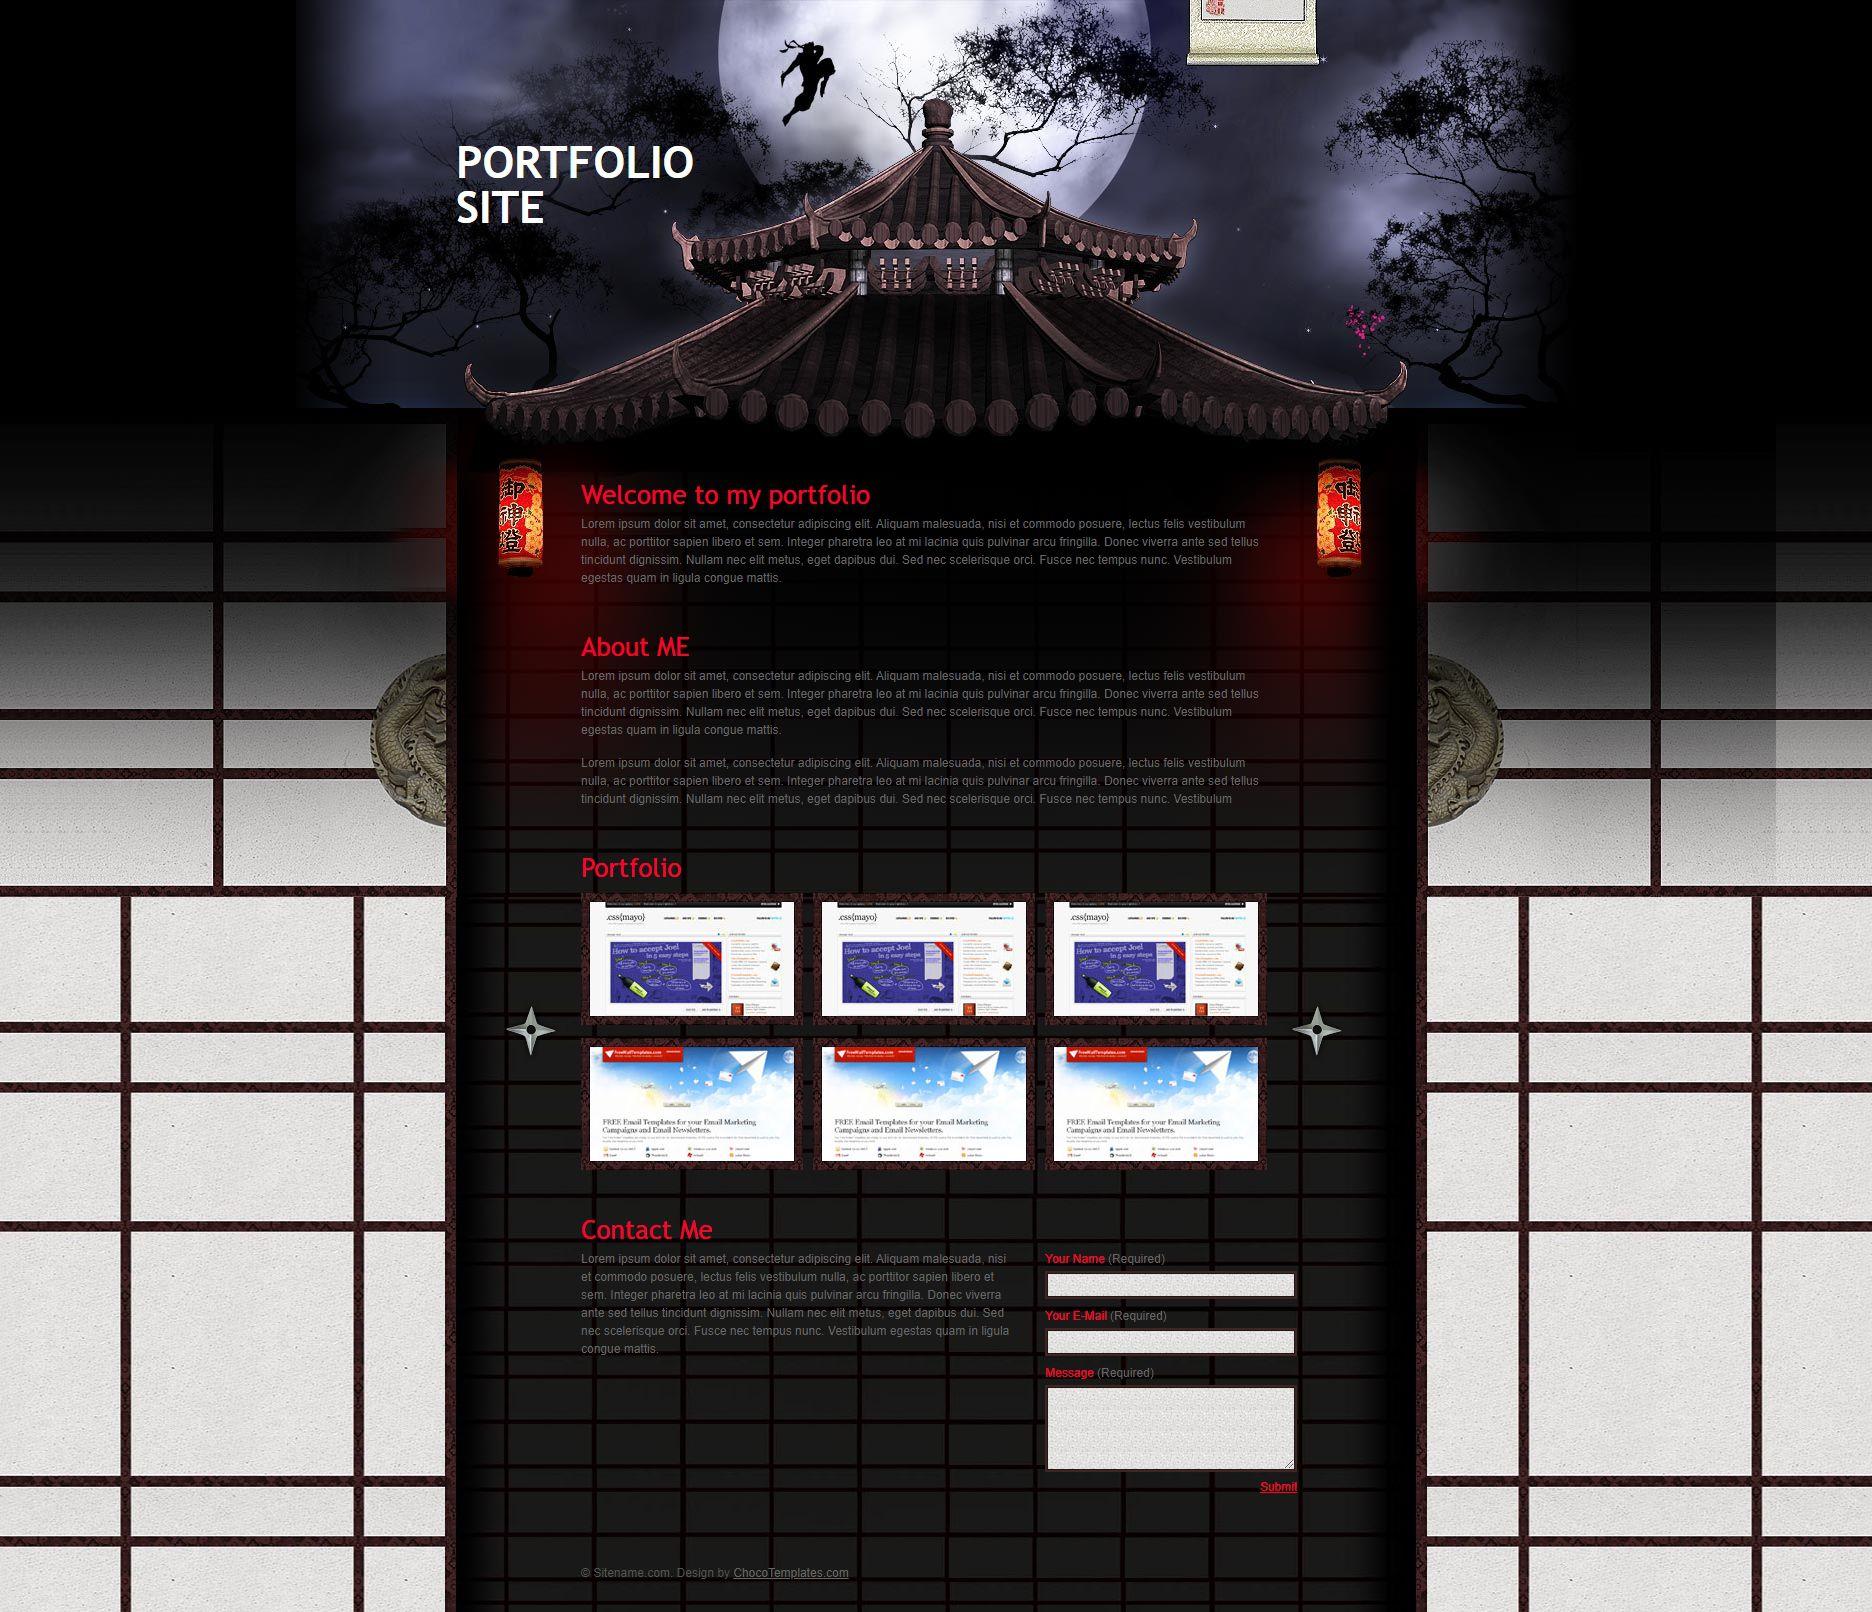 忍者杀手主题特色的简单个人作品展示博客网站HTML模板源码下载